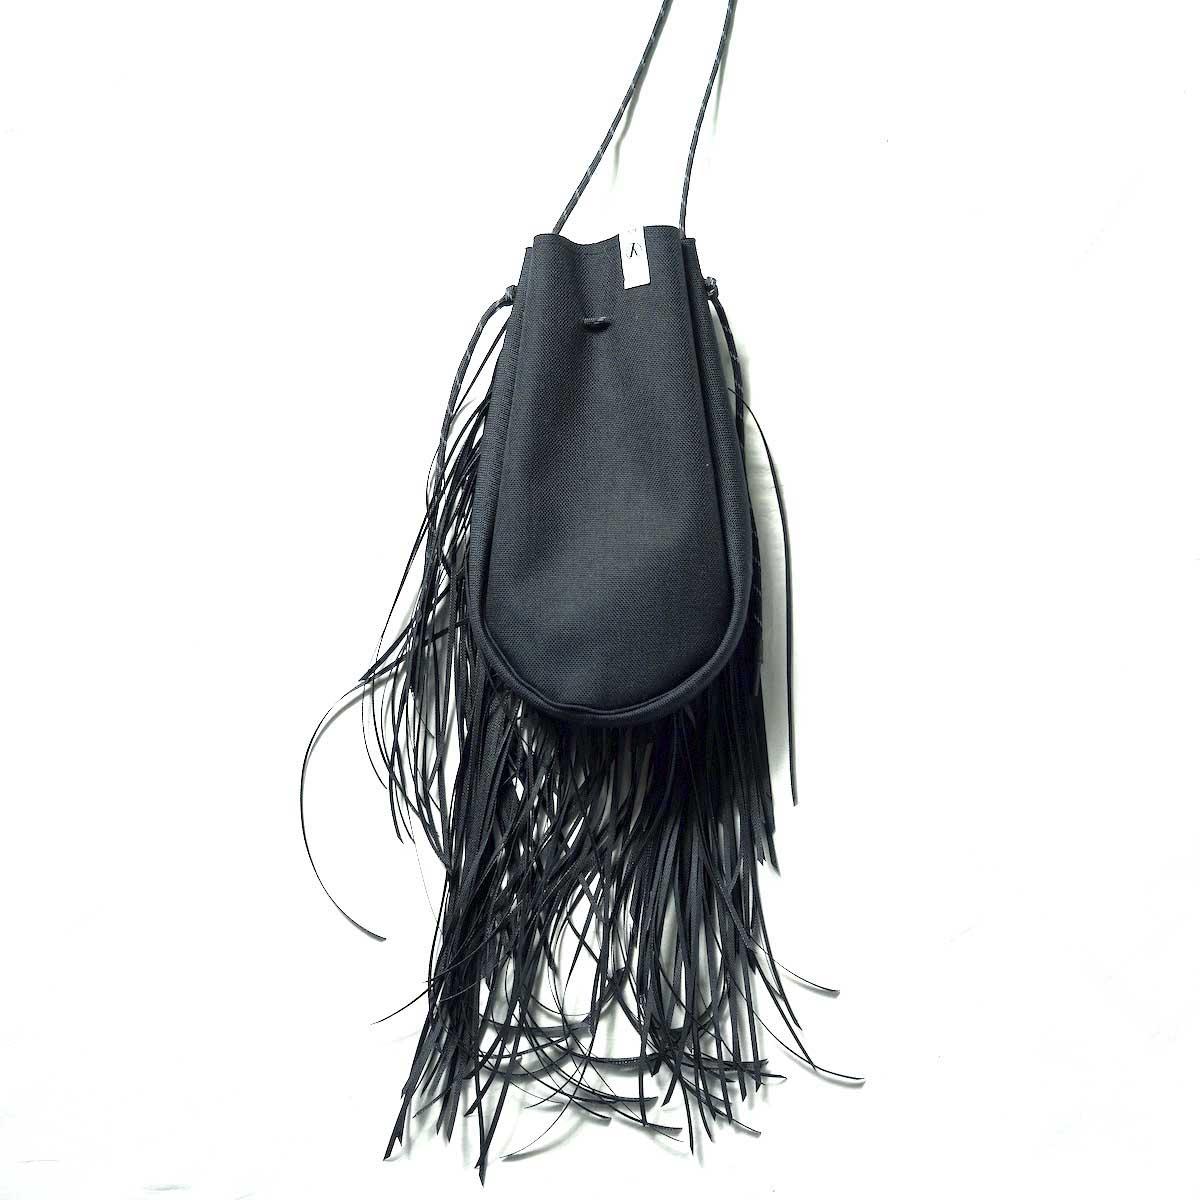 吉岡衣料店 × TAITAI / FRINGE DRAWSTRING BAG S 背面、織りネーム